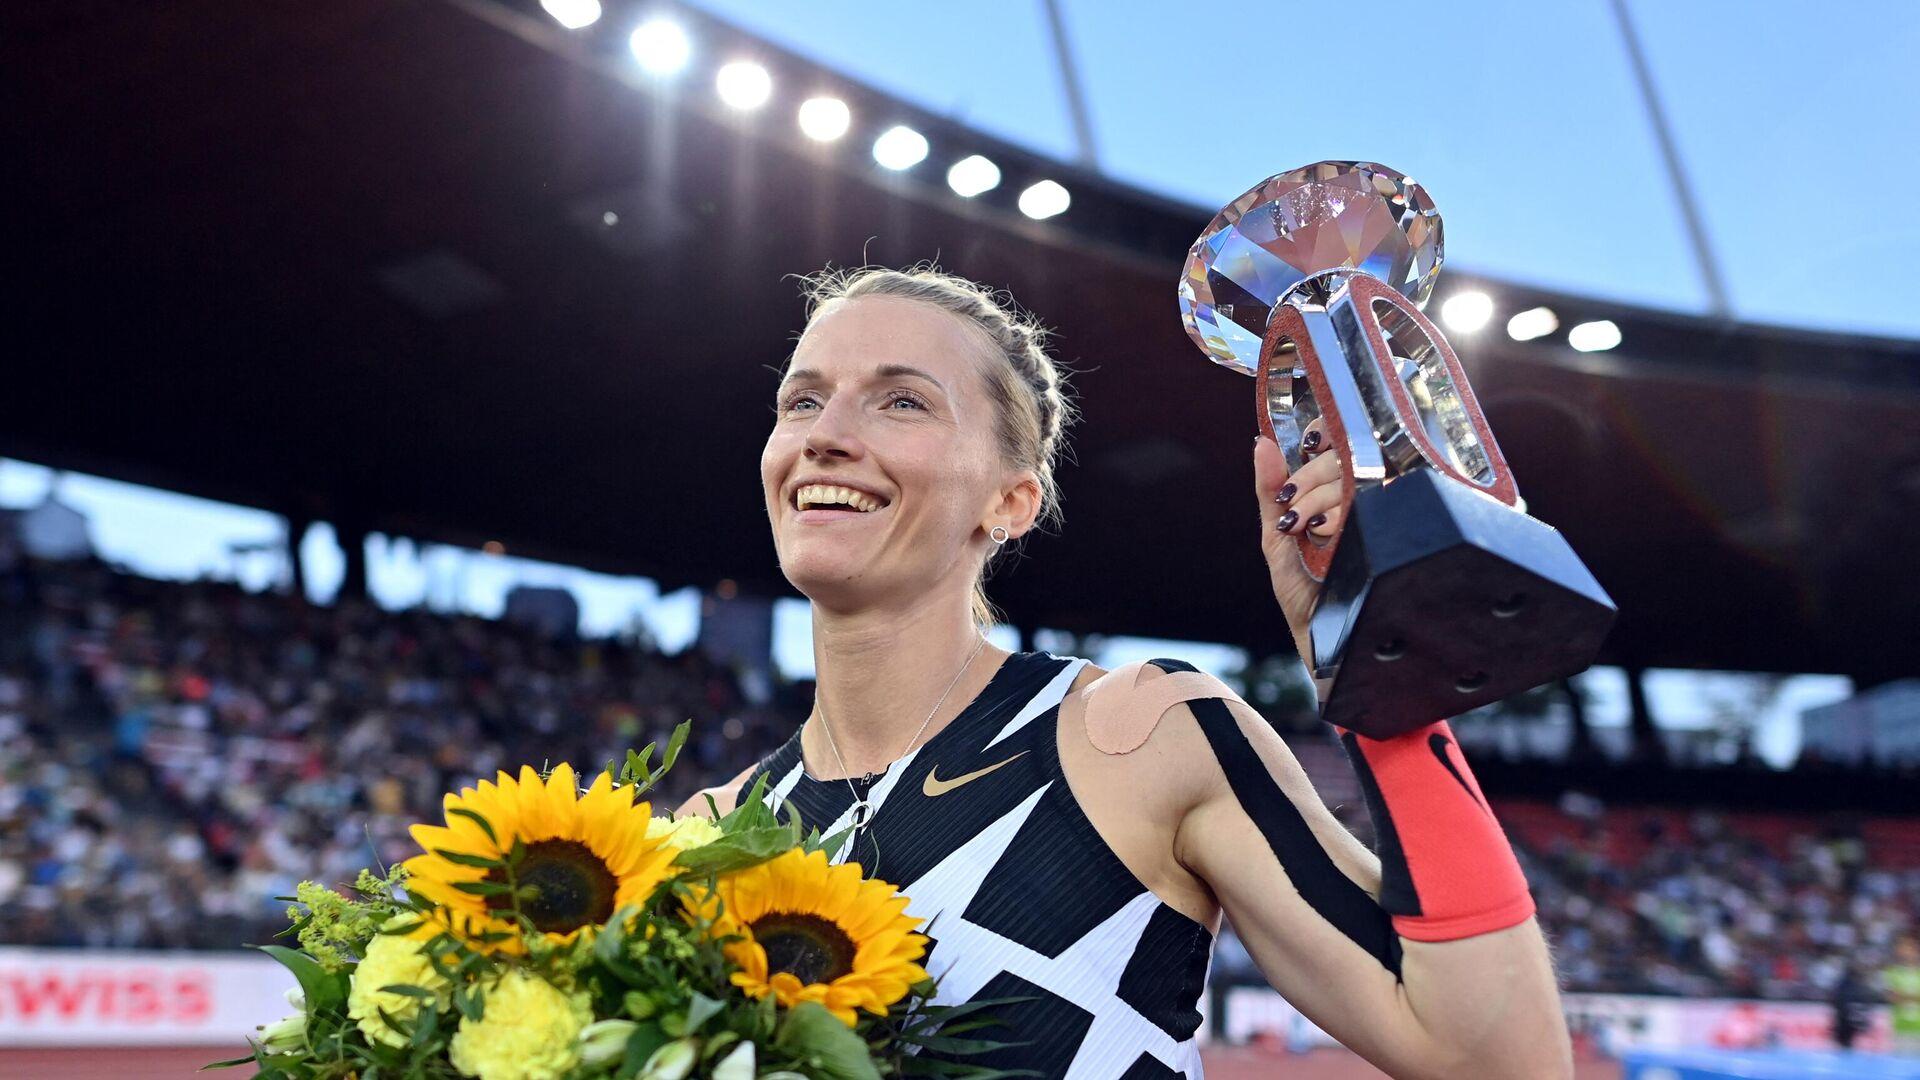 Сидорова стала четвертой легкоатлеткой, взявшей высоту пять метров в прыжках с шестом